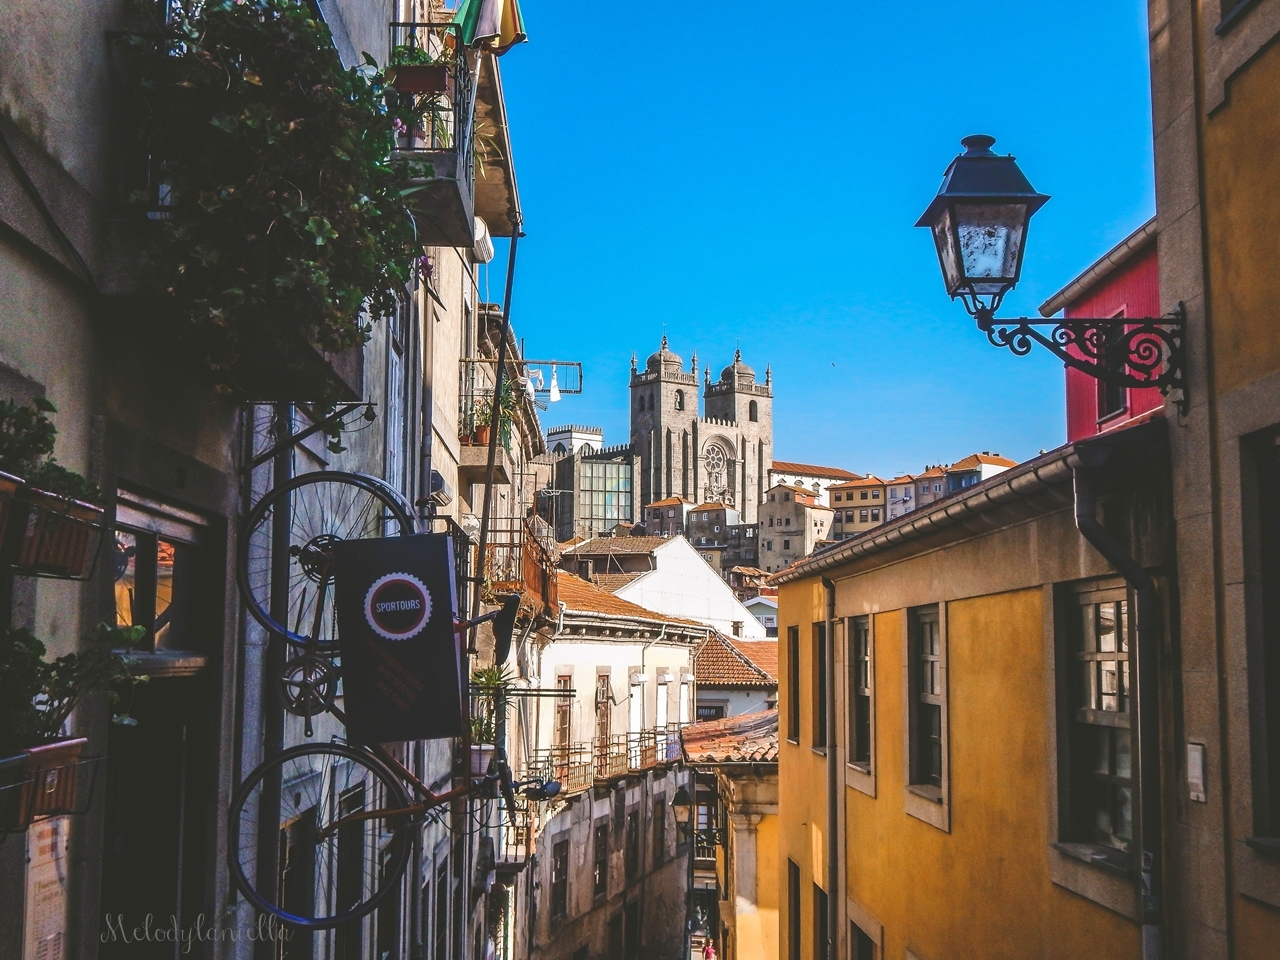 1a-2 co zobaczyć w Porto w portugalii ciekawe miejsca musisz zobaczyć top miejsc w porto zabytki piękne uliczki miejsca godne zobaczenia blog podróżniczy portugalia melodylaniella